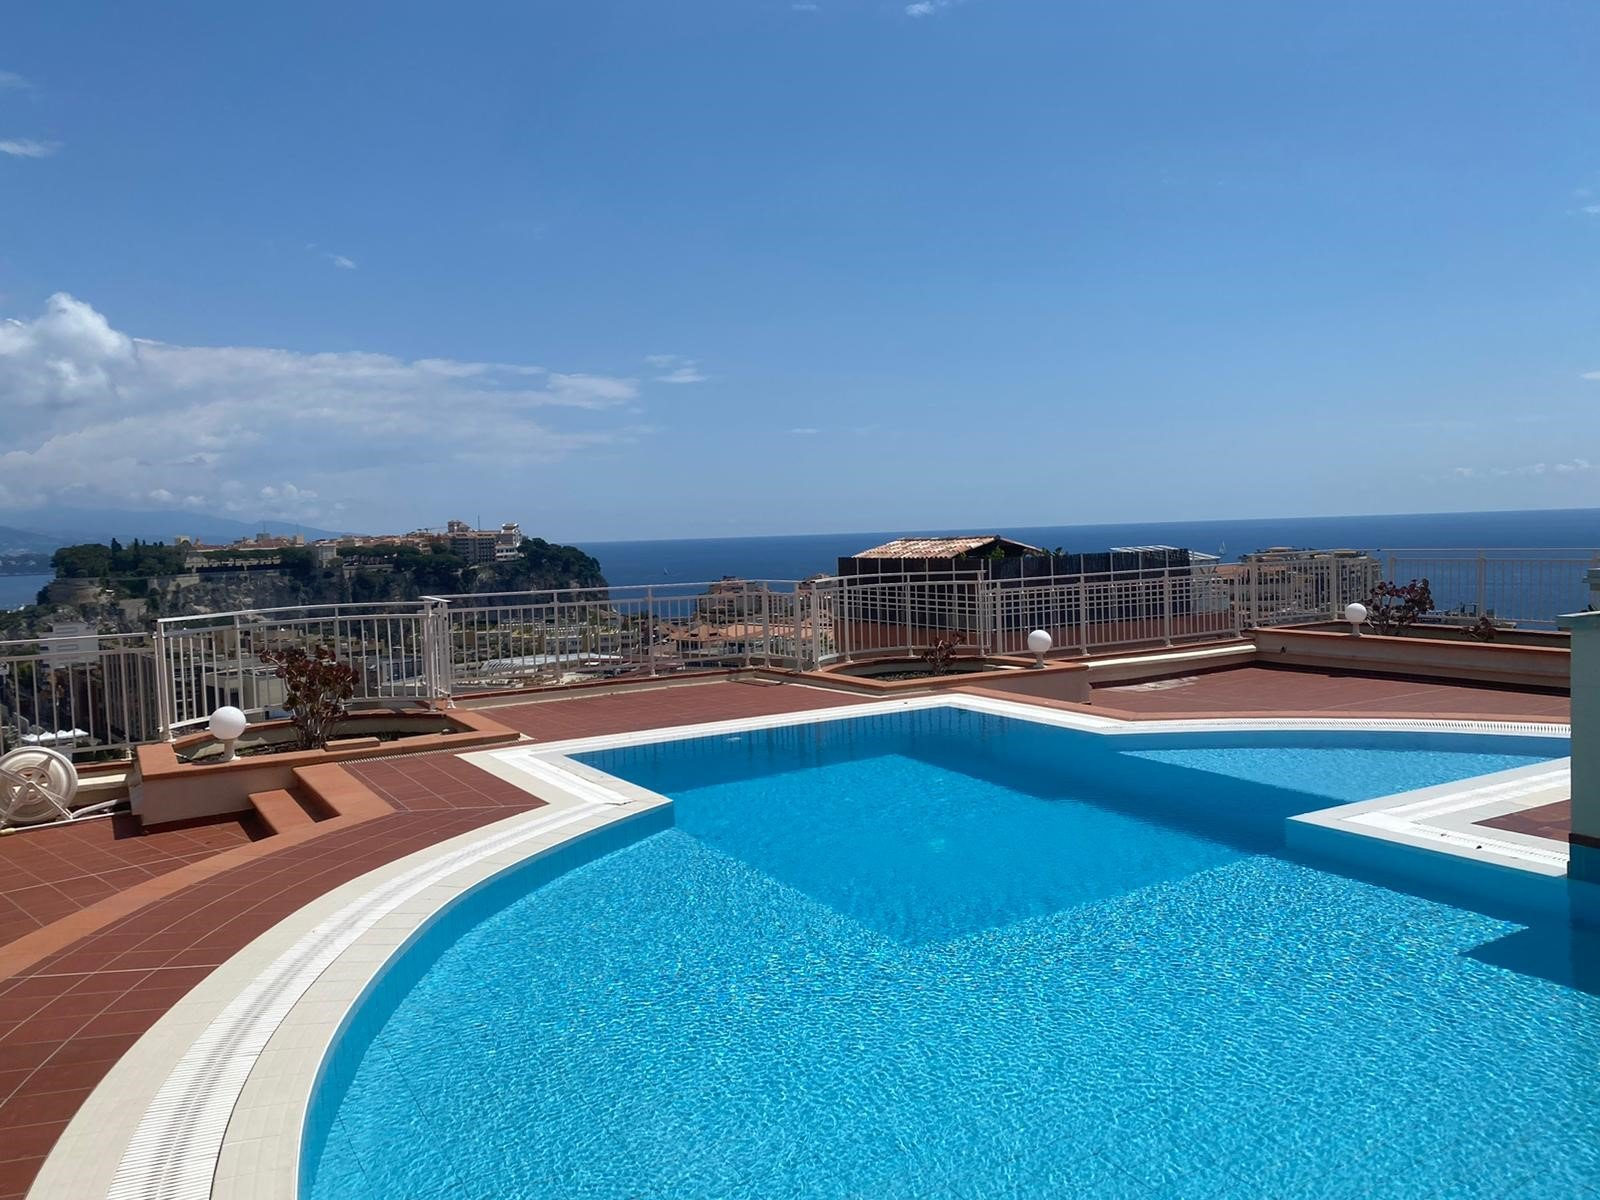 Cap d'Ail Limitrophe Monaco CHPG 2pcs vue mer piscine